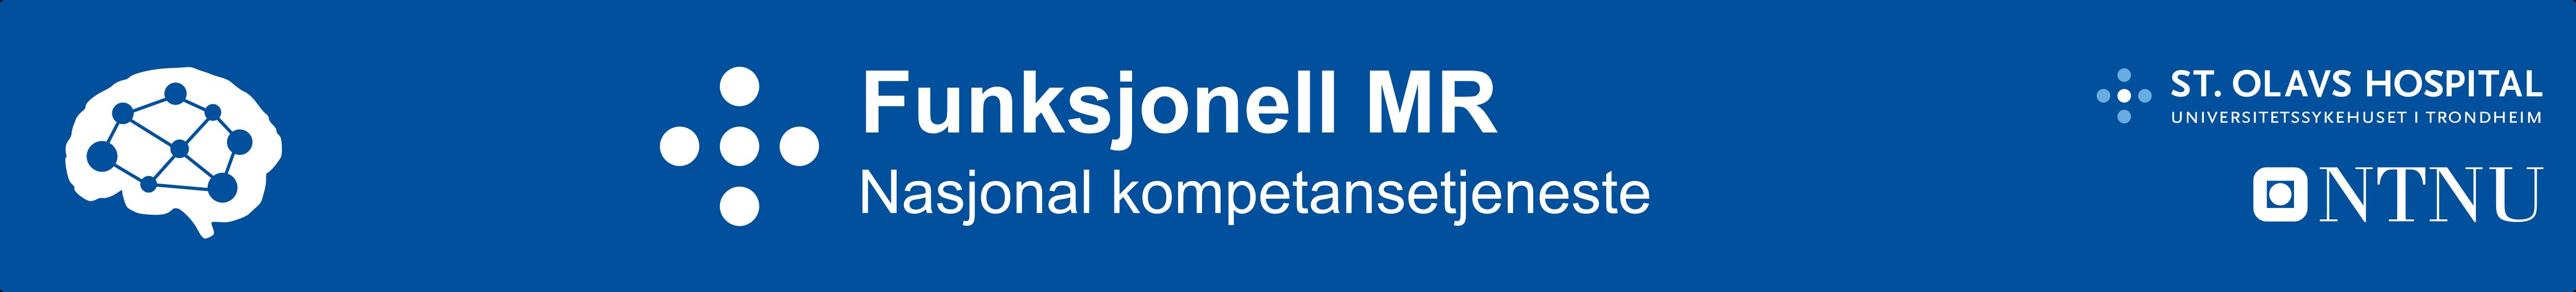 Nasjonal kompetansetjeneste for funksjonell MR